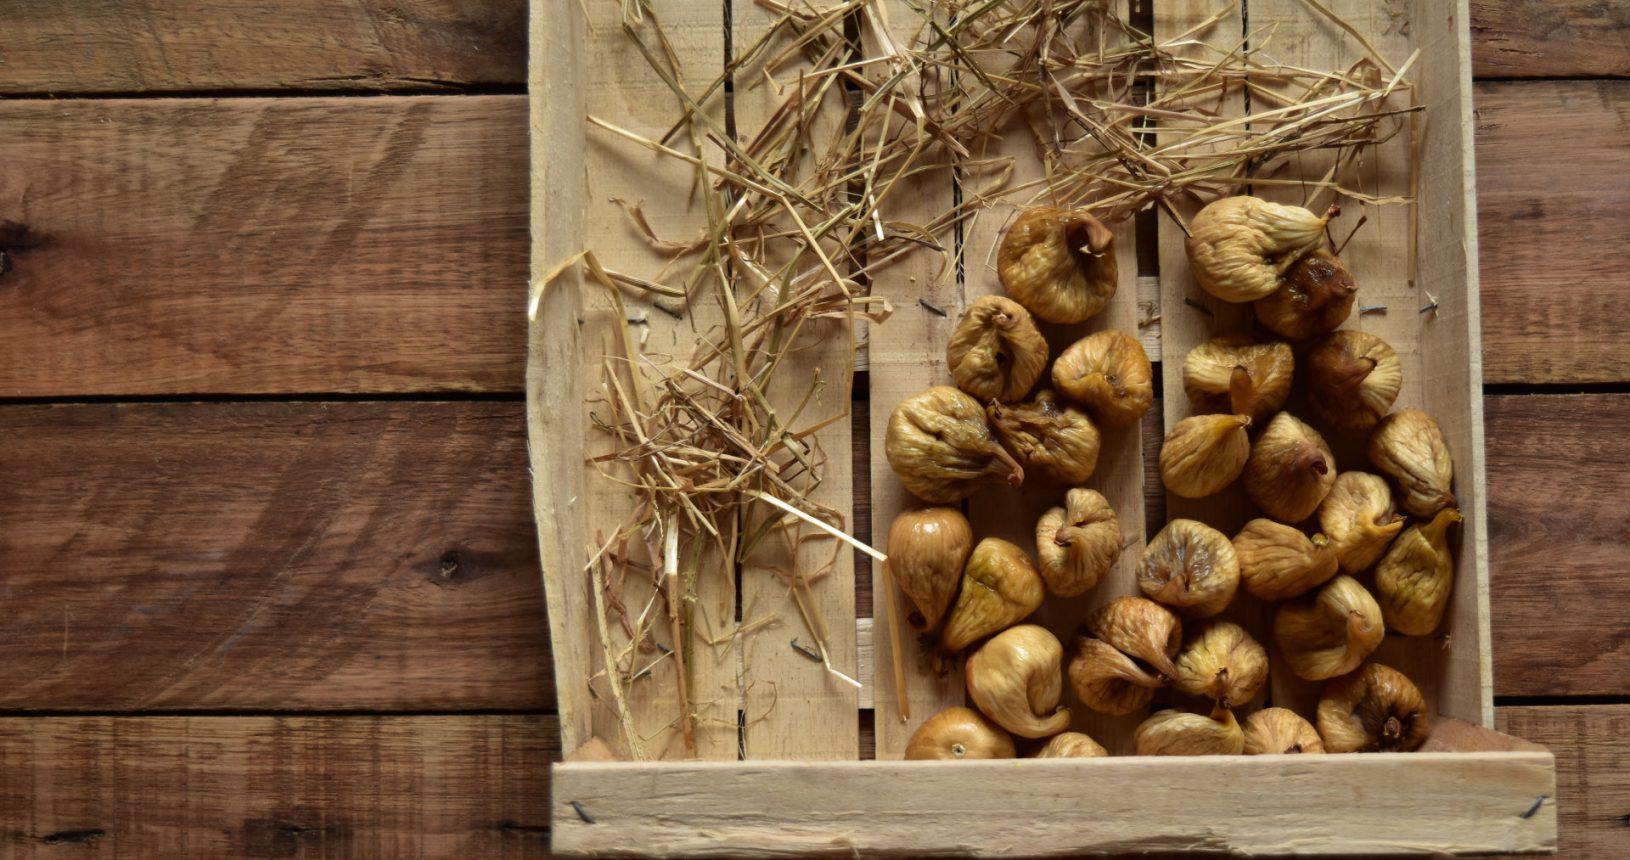 M. Greco | Lavorazione Artigianale Frutta Secca